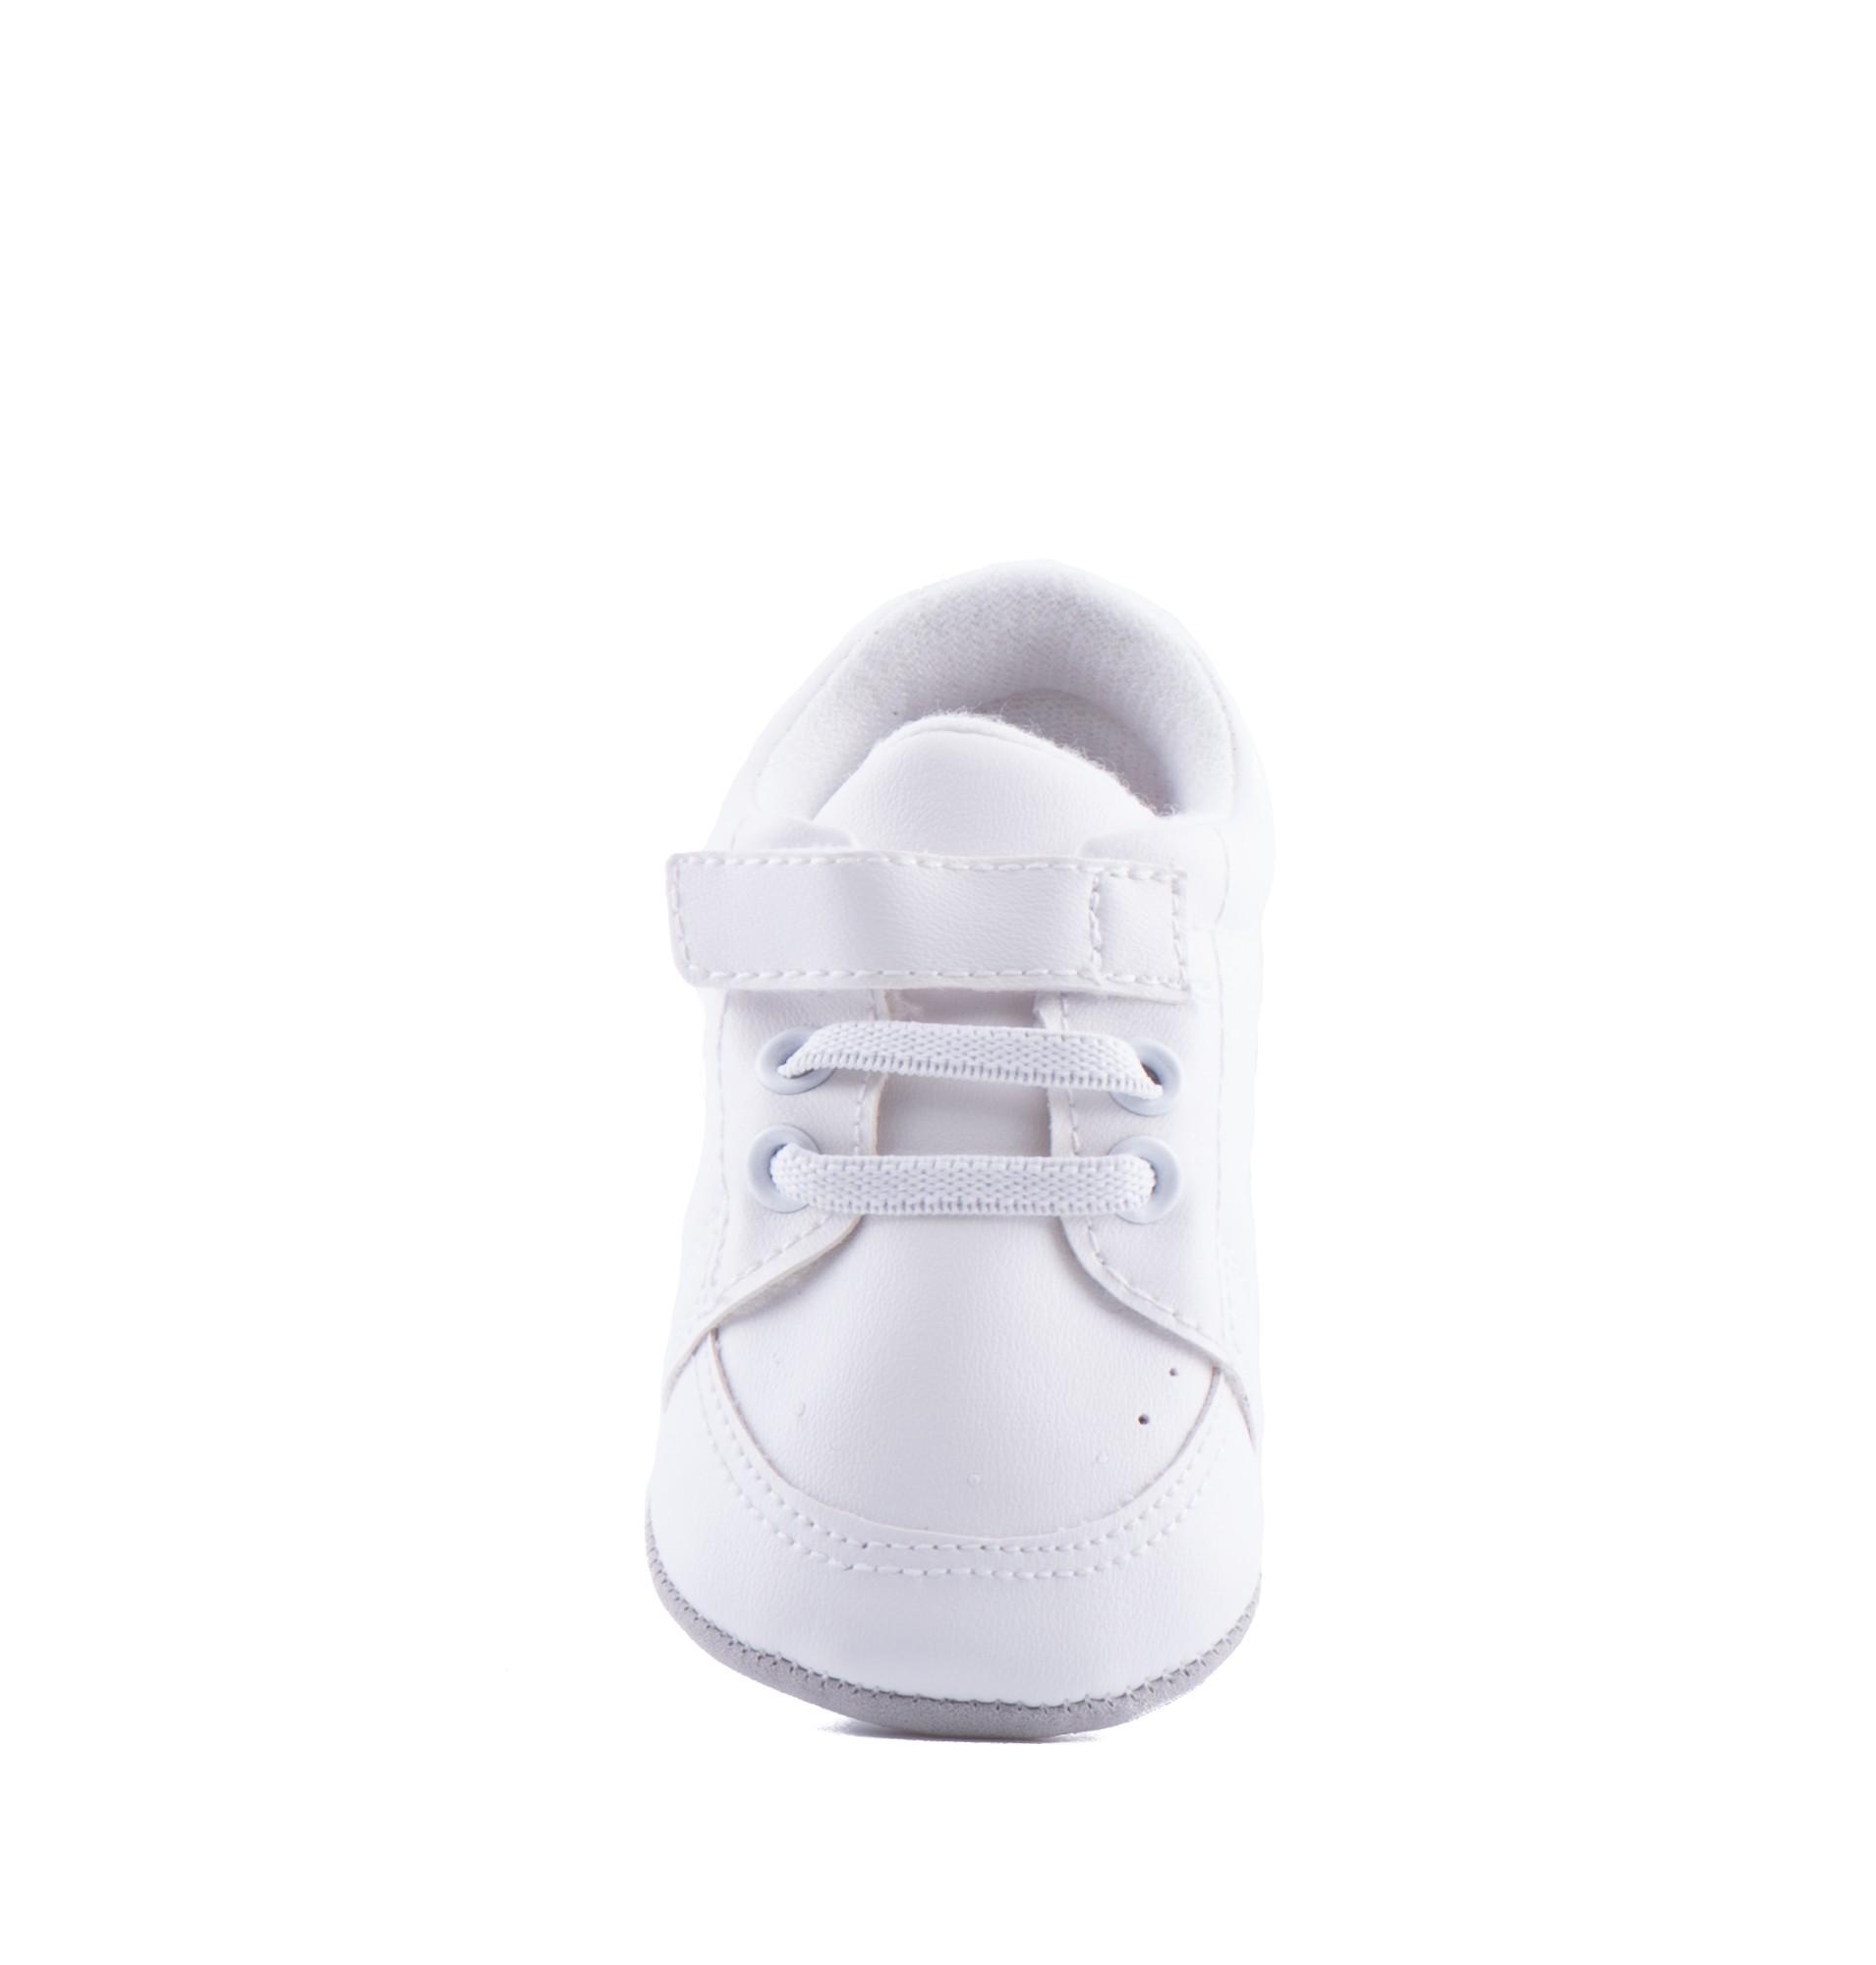 Bruidsjonkersschoentjes Baby met een veter en een klittenband sluiting